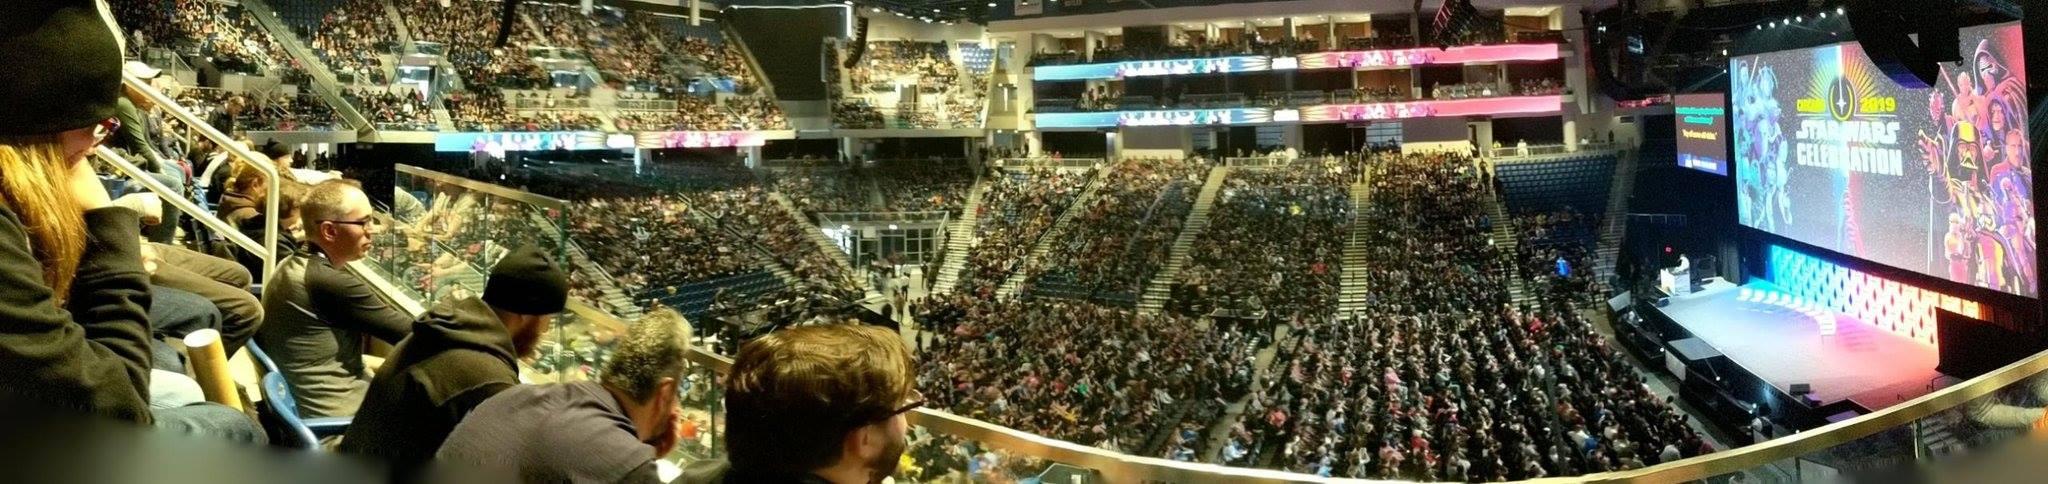 Gyűlik a közönség a IX. Epizód pódiumbeszélgetésére. (forrás: Twitter)